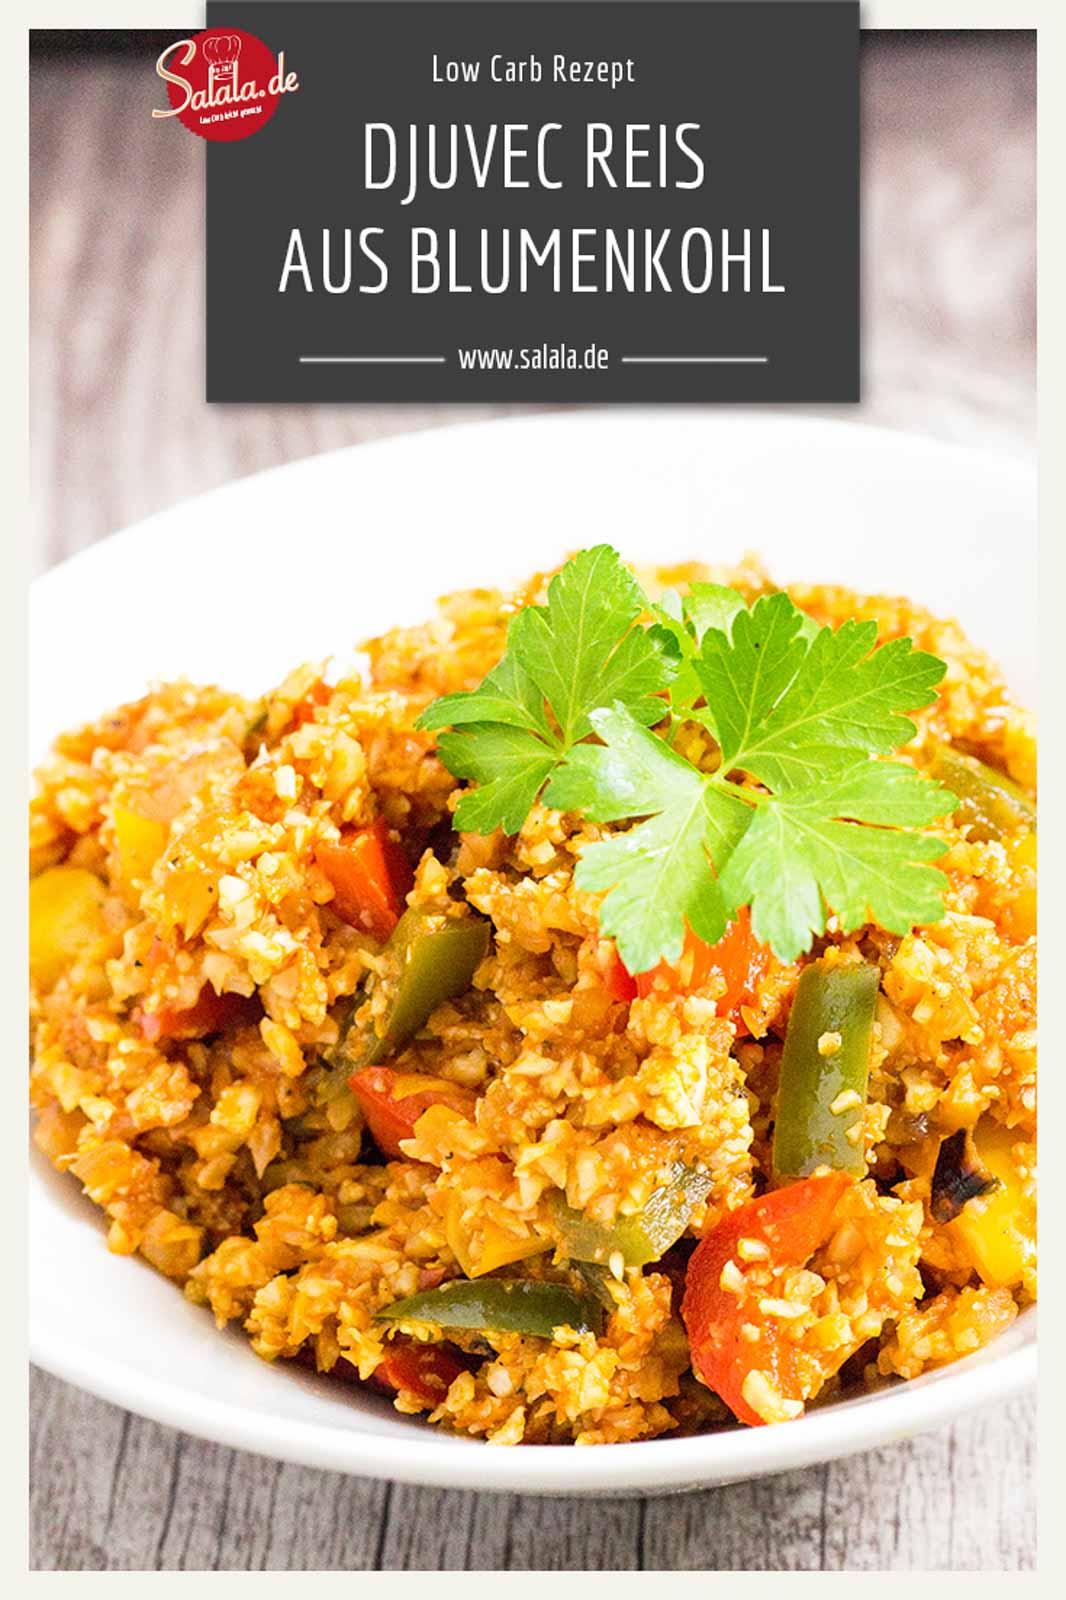 Djuvec Reis ist eines von Vronis Lieblingsgerichten. Irgendwie sind wir in den letzten 3 Jahren in denen wir Low Carb leben aber nie so richtig auf die Idee gekommen eine Low Carb Variante des Djuvec Reis mit Blumenkohlreis zu machen. Bis jetzt.  #lowcarb #lowcarbrezepte #blumenkohlreis #ketorezpete